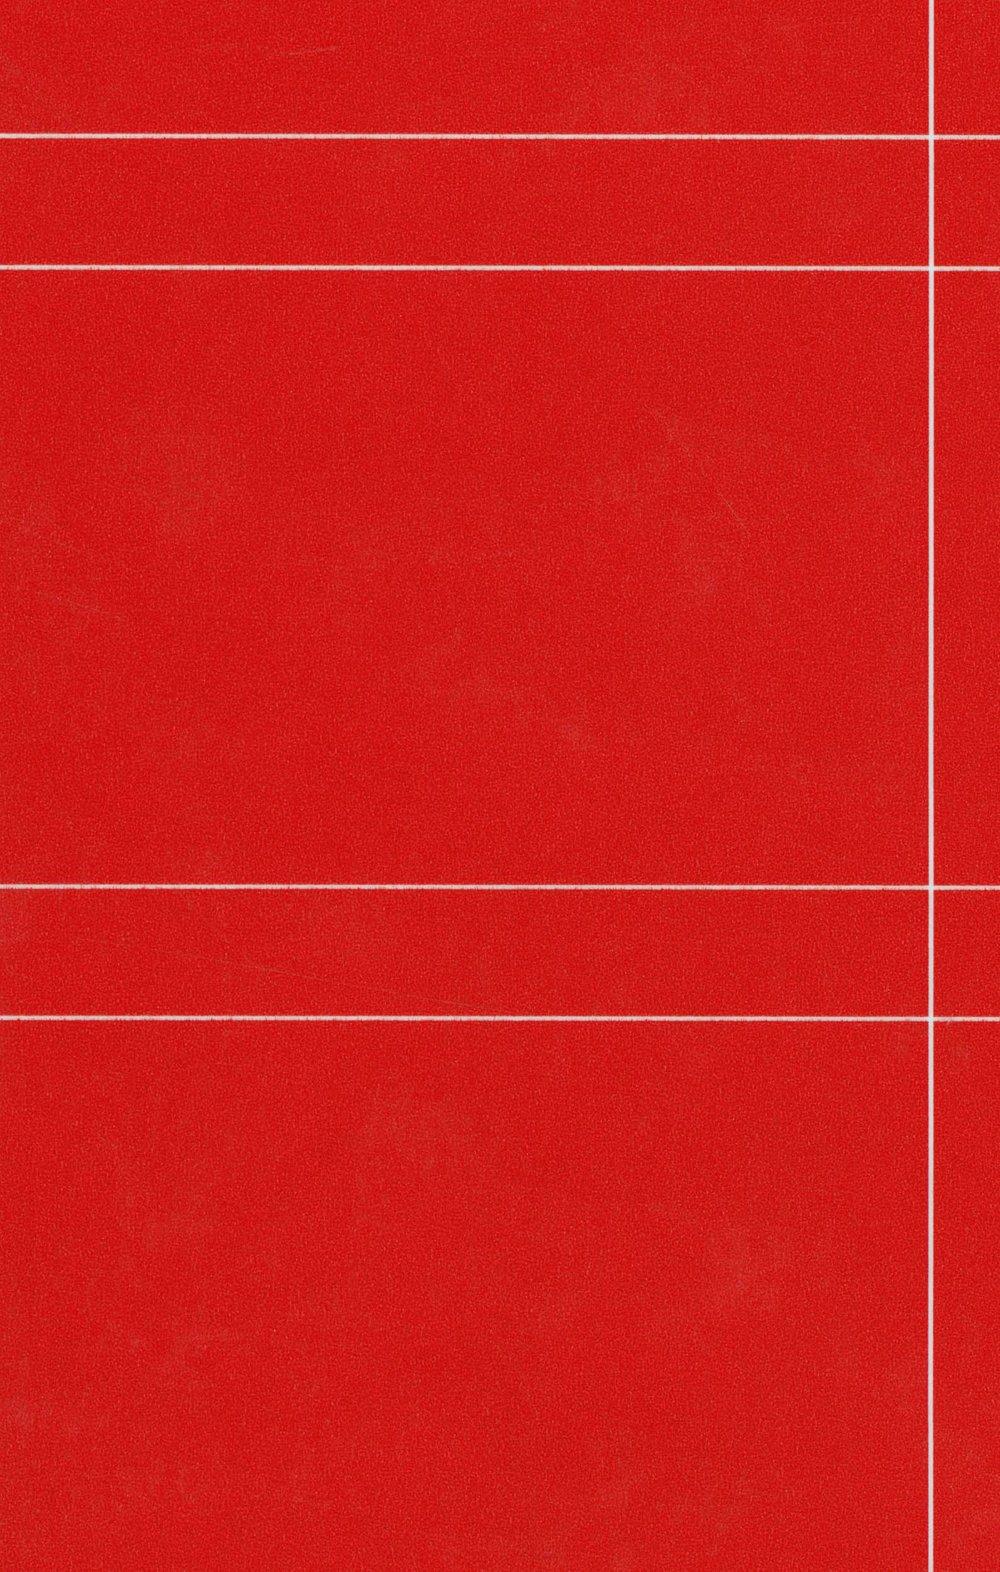 grid05_revise.jpg